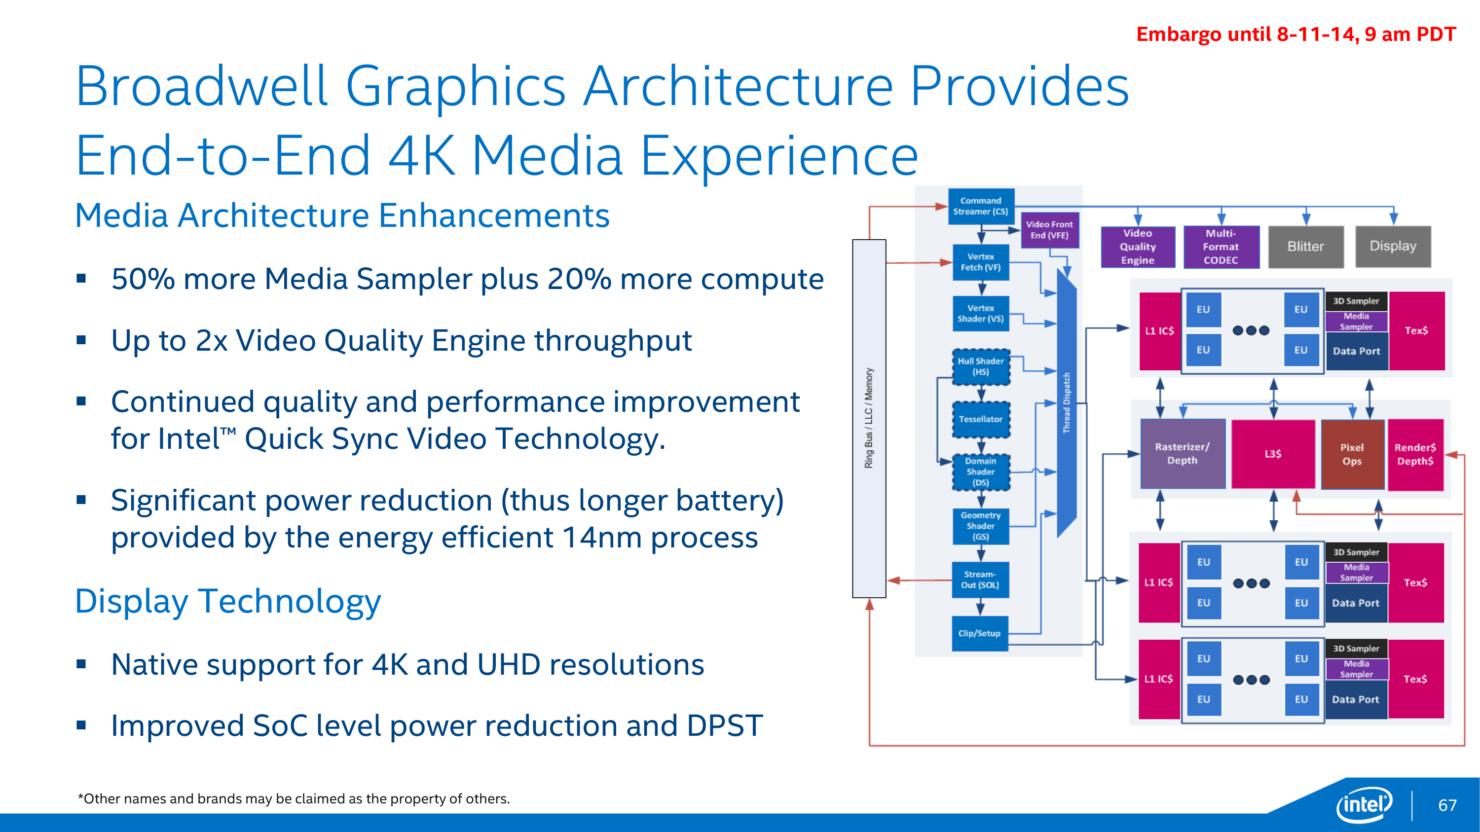 intel-broadwell-graphics-4k-media